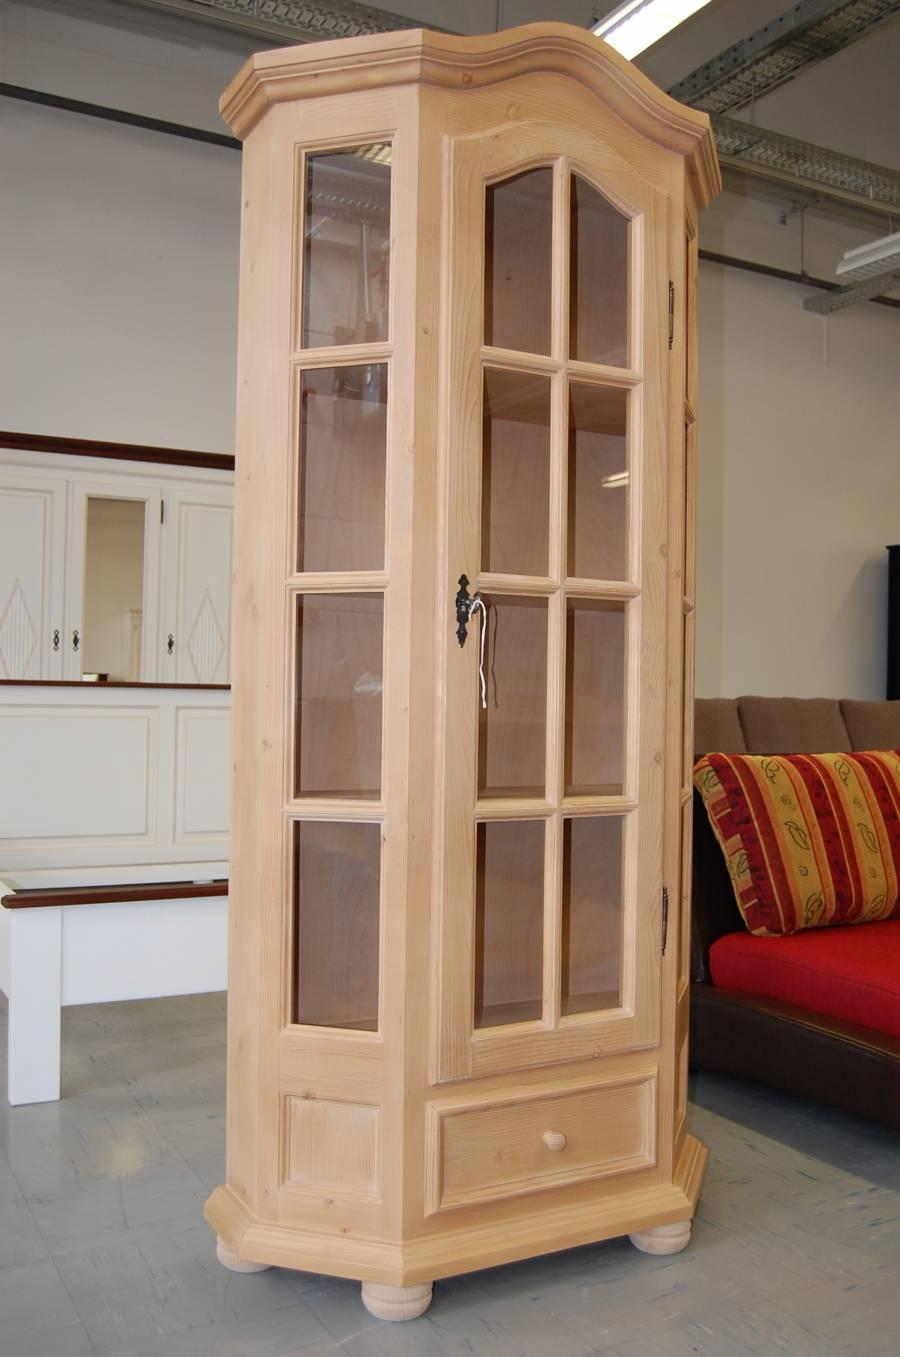 deko vitrine wohnzimmer vitrine with deko vitrine simple galerie with deko vitrine beautiful. Black Bedroom Furniture Sets. Home Design Ideas